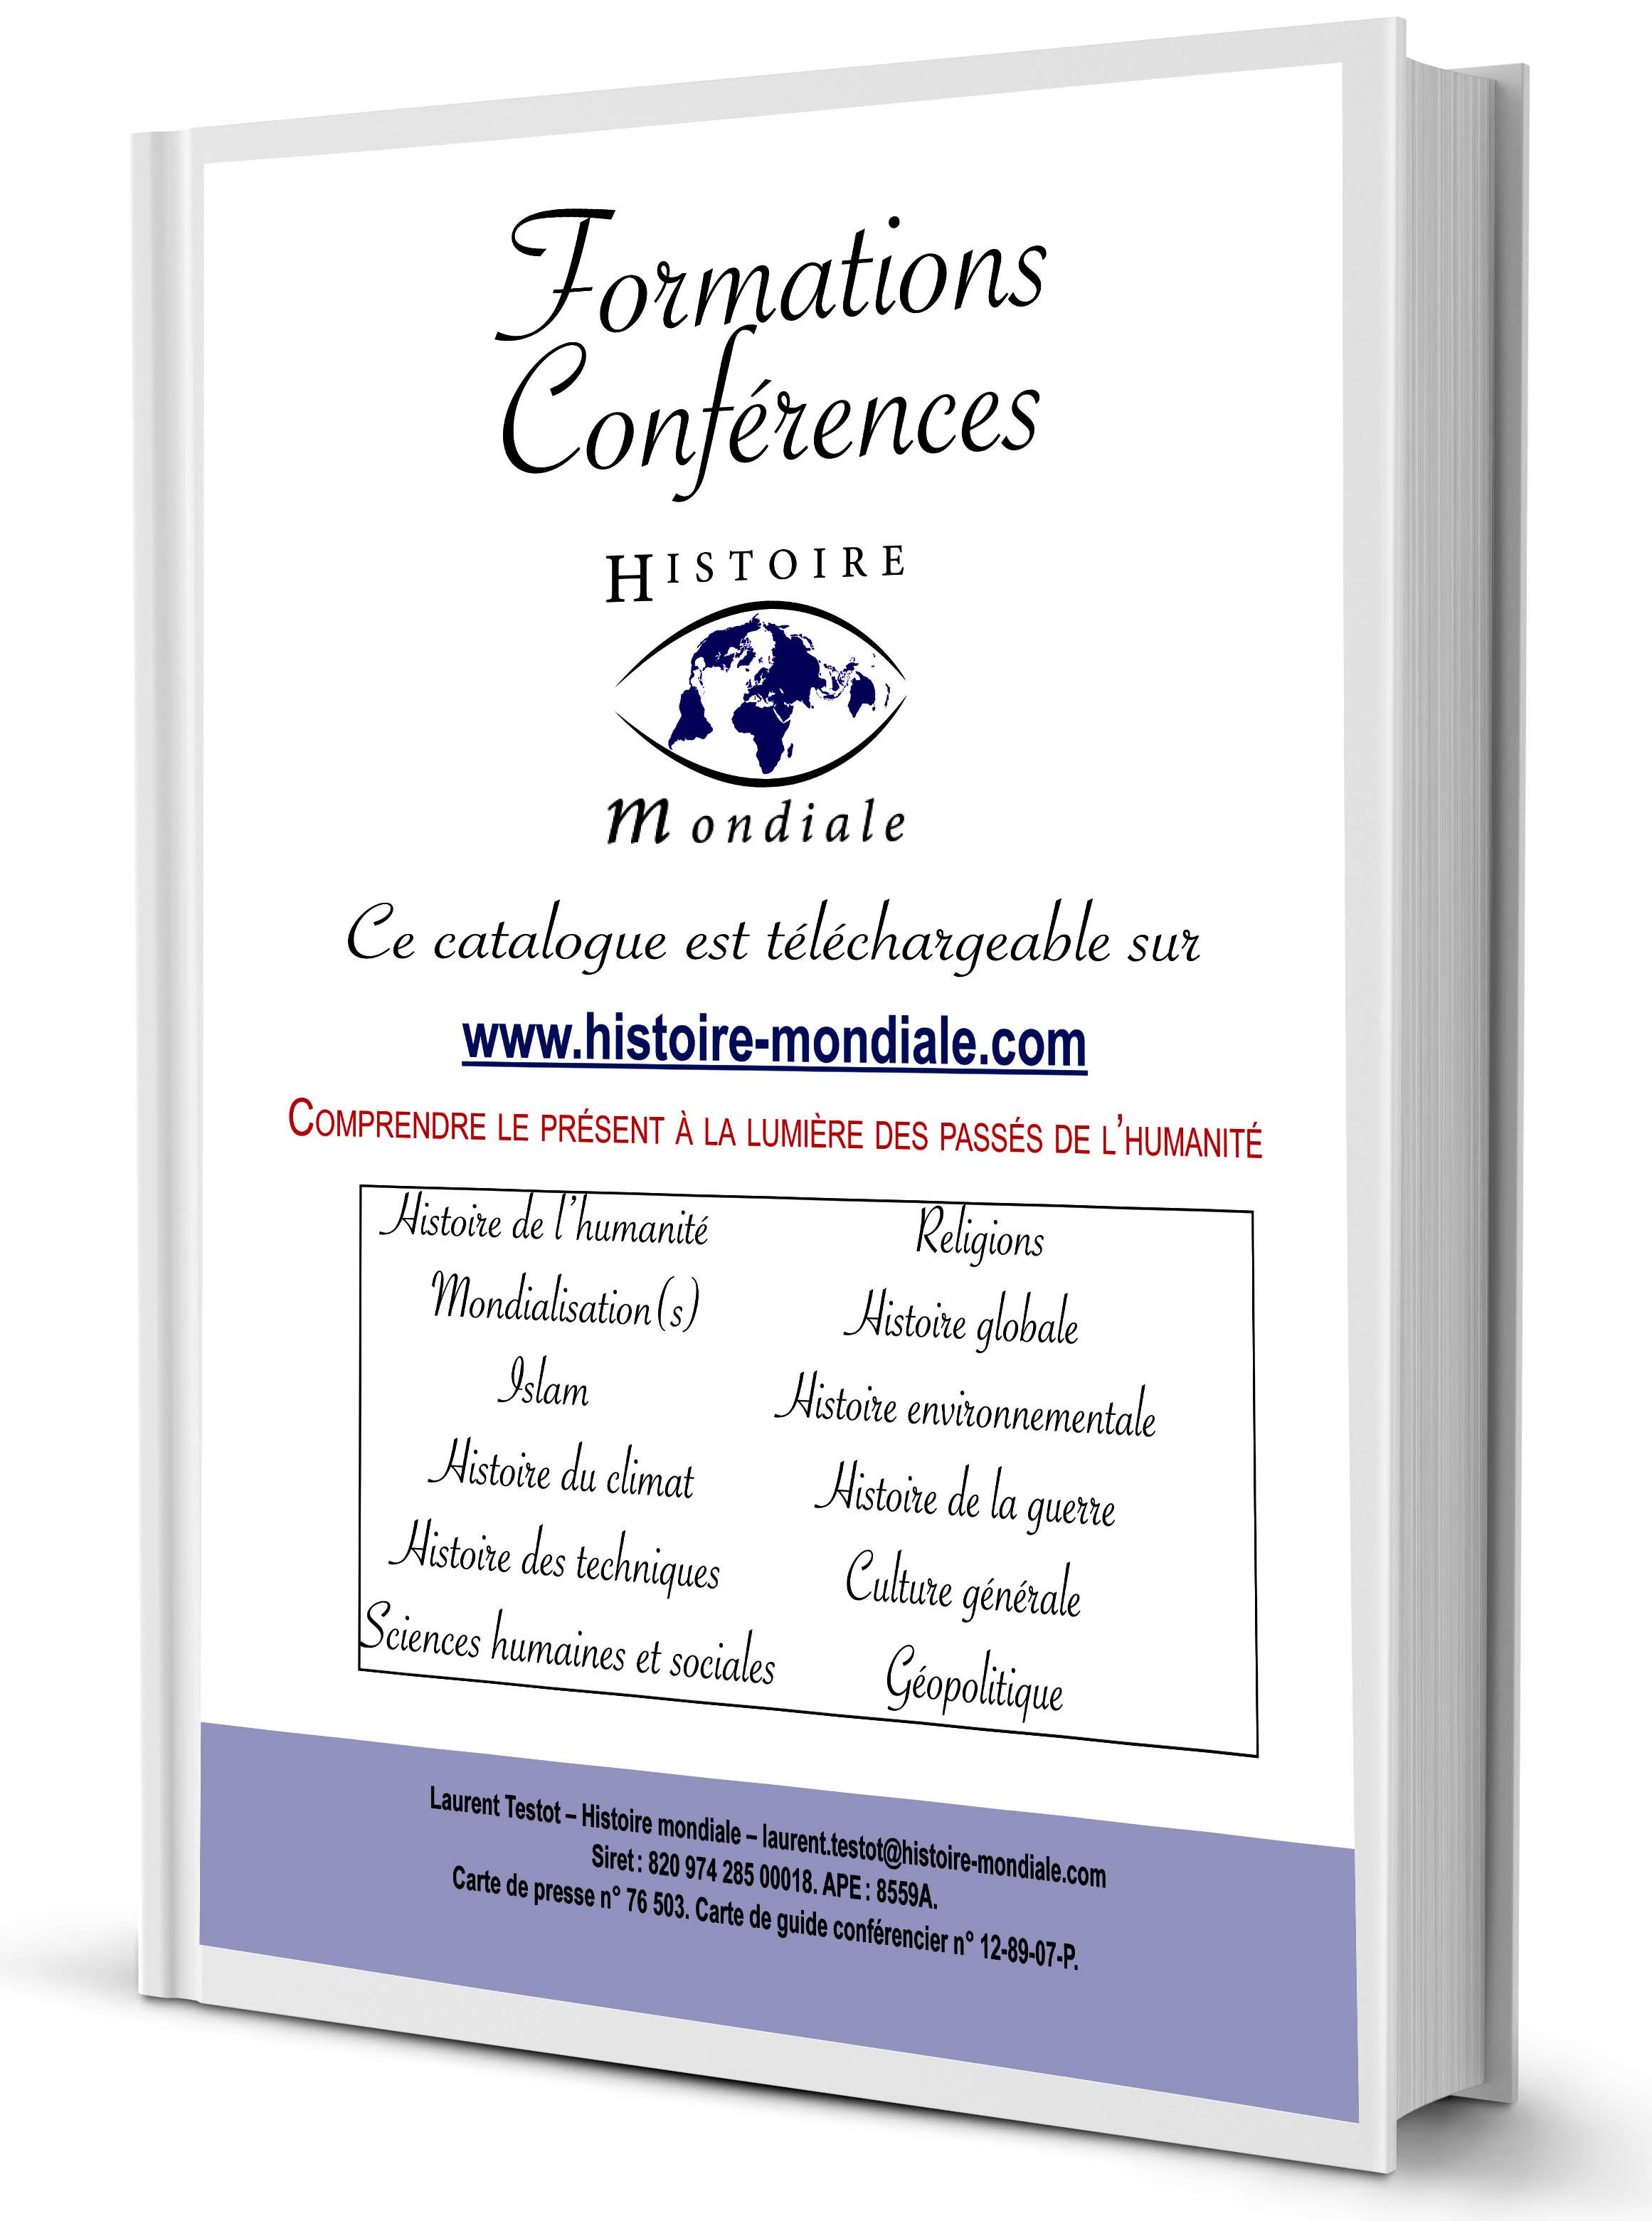 Télécharger le catalogue des conférences et formations  histoire-mondiale